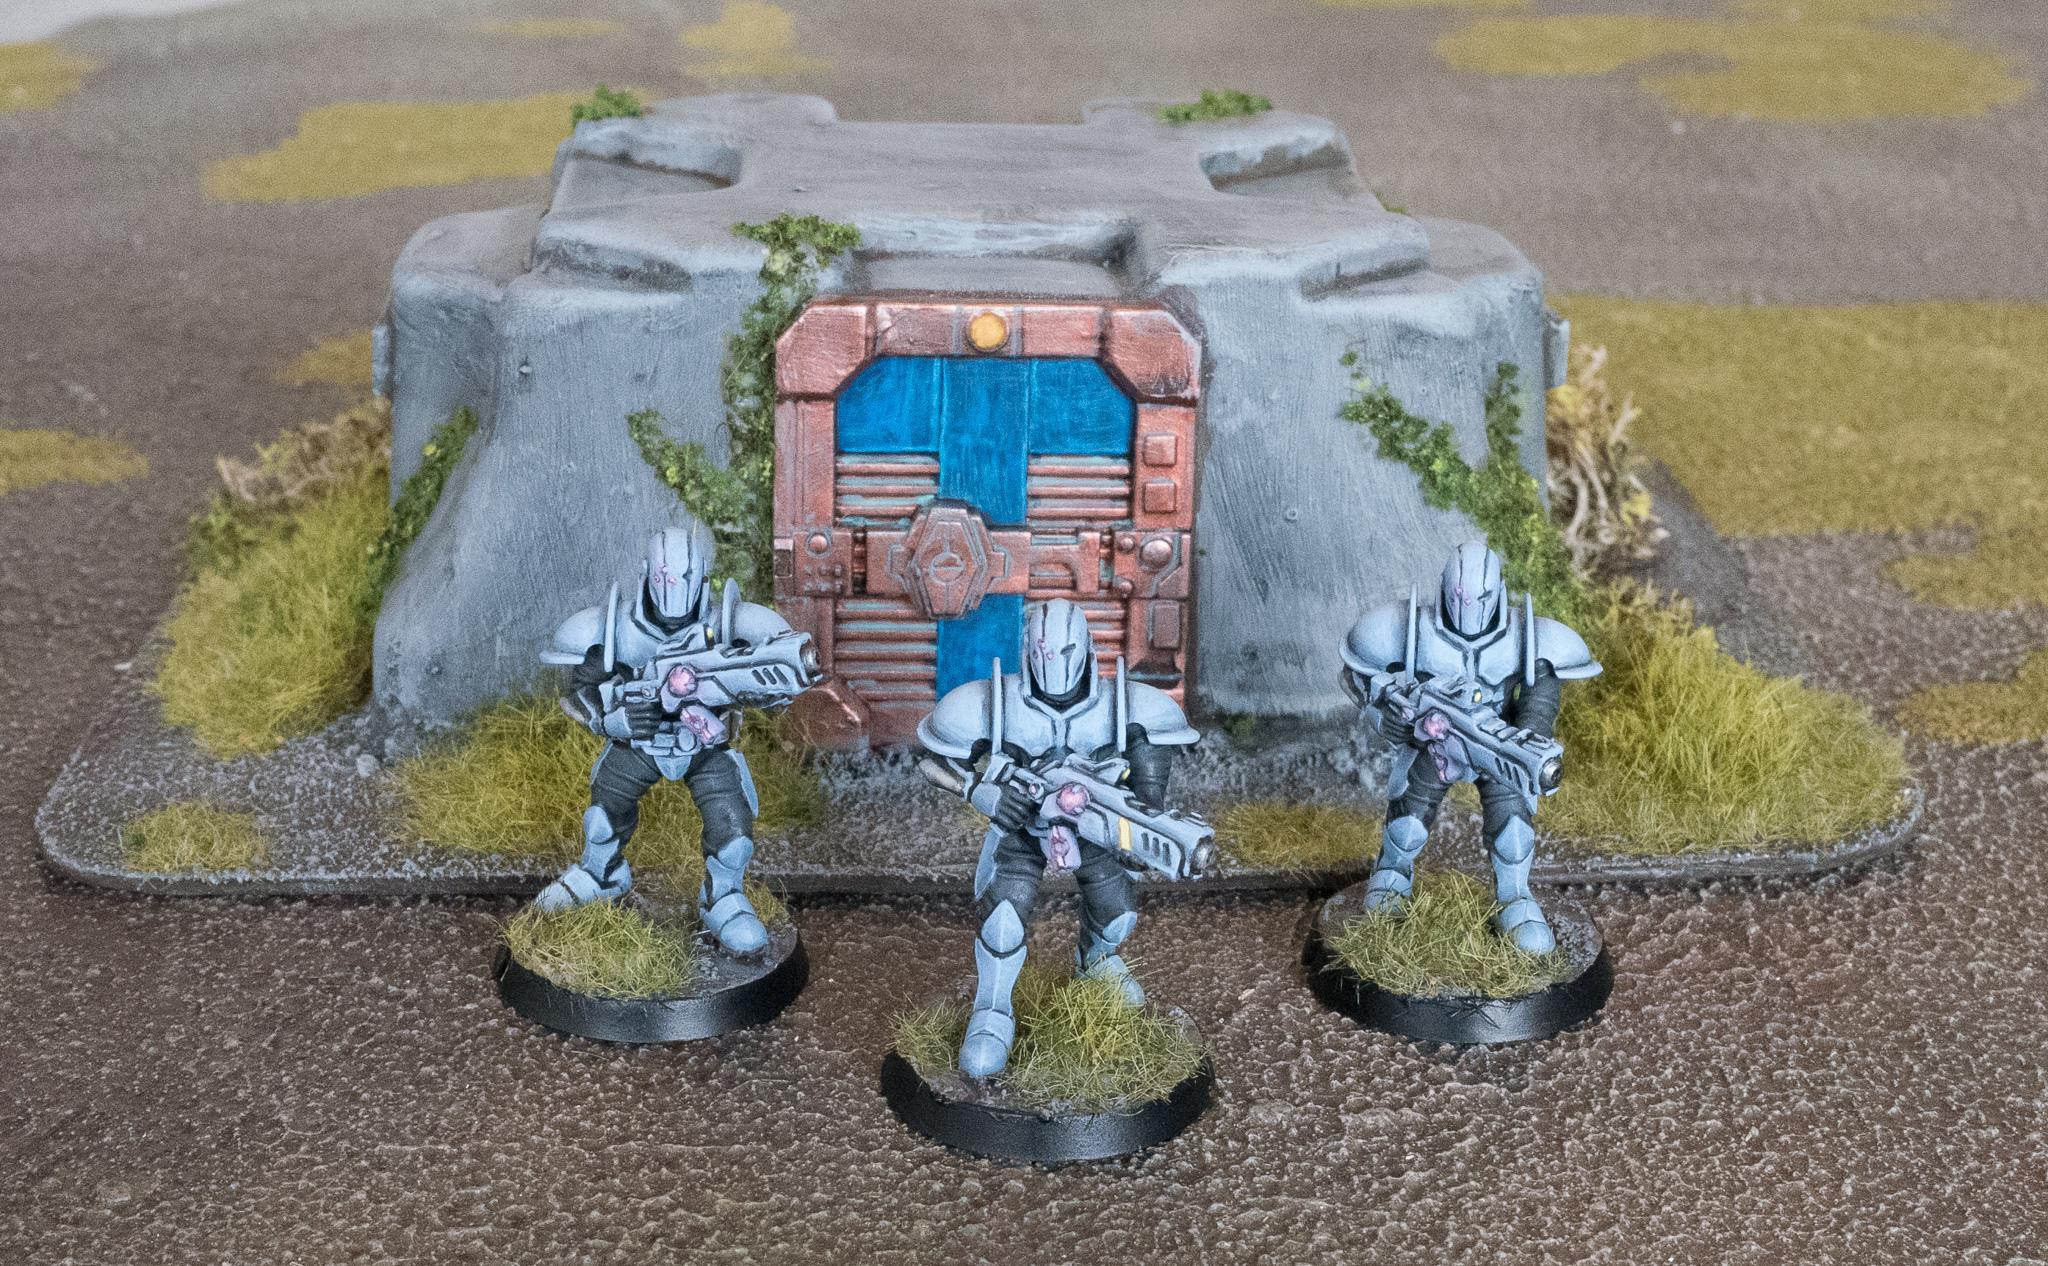 Buildings, Bunker, Karist, Maelstrom's Edge, Terrain, Troopers